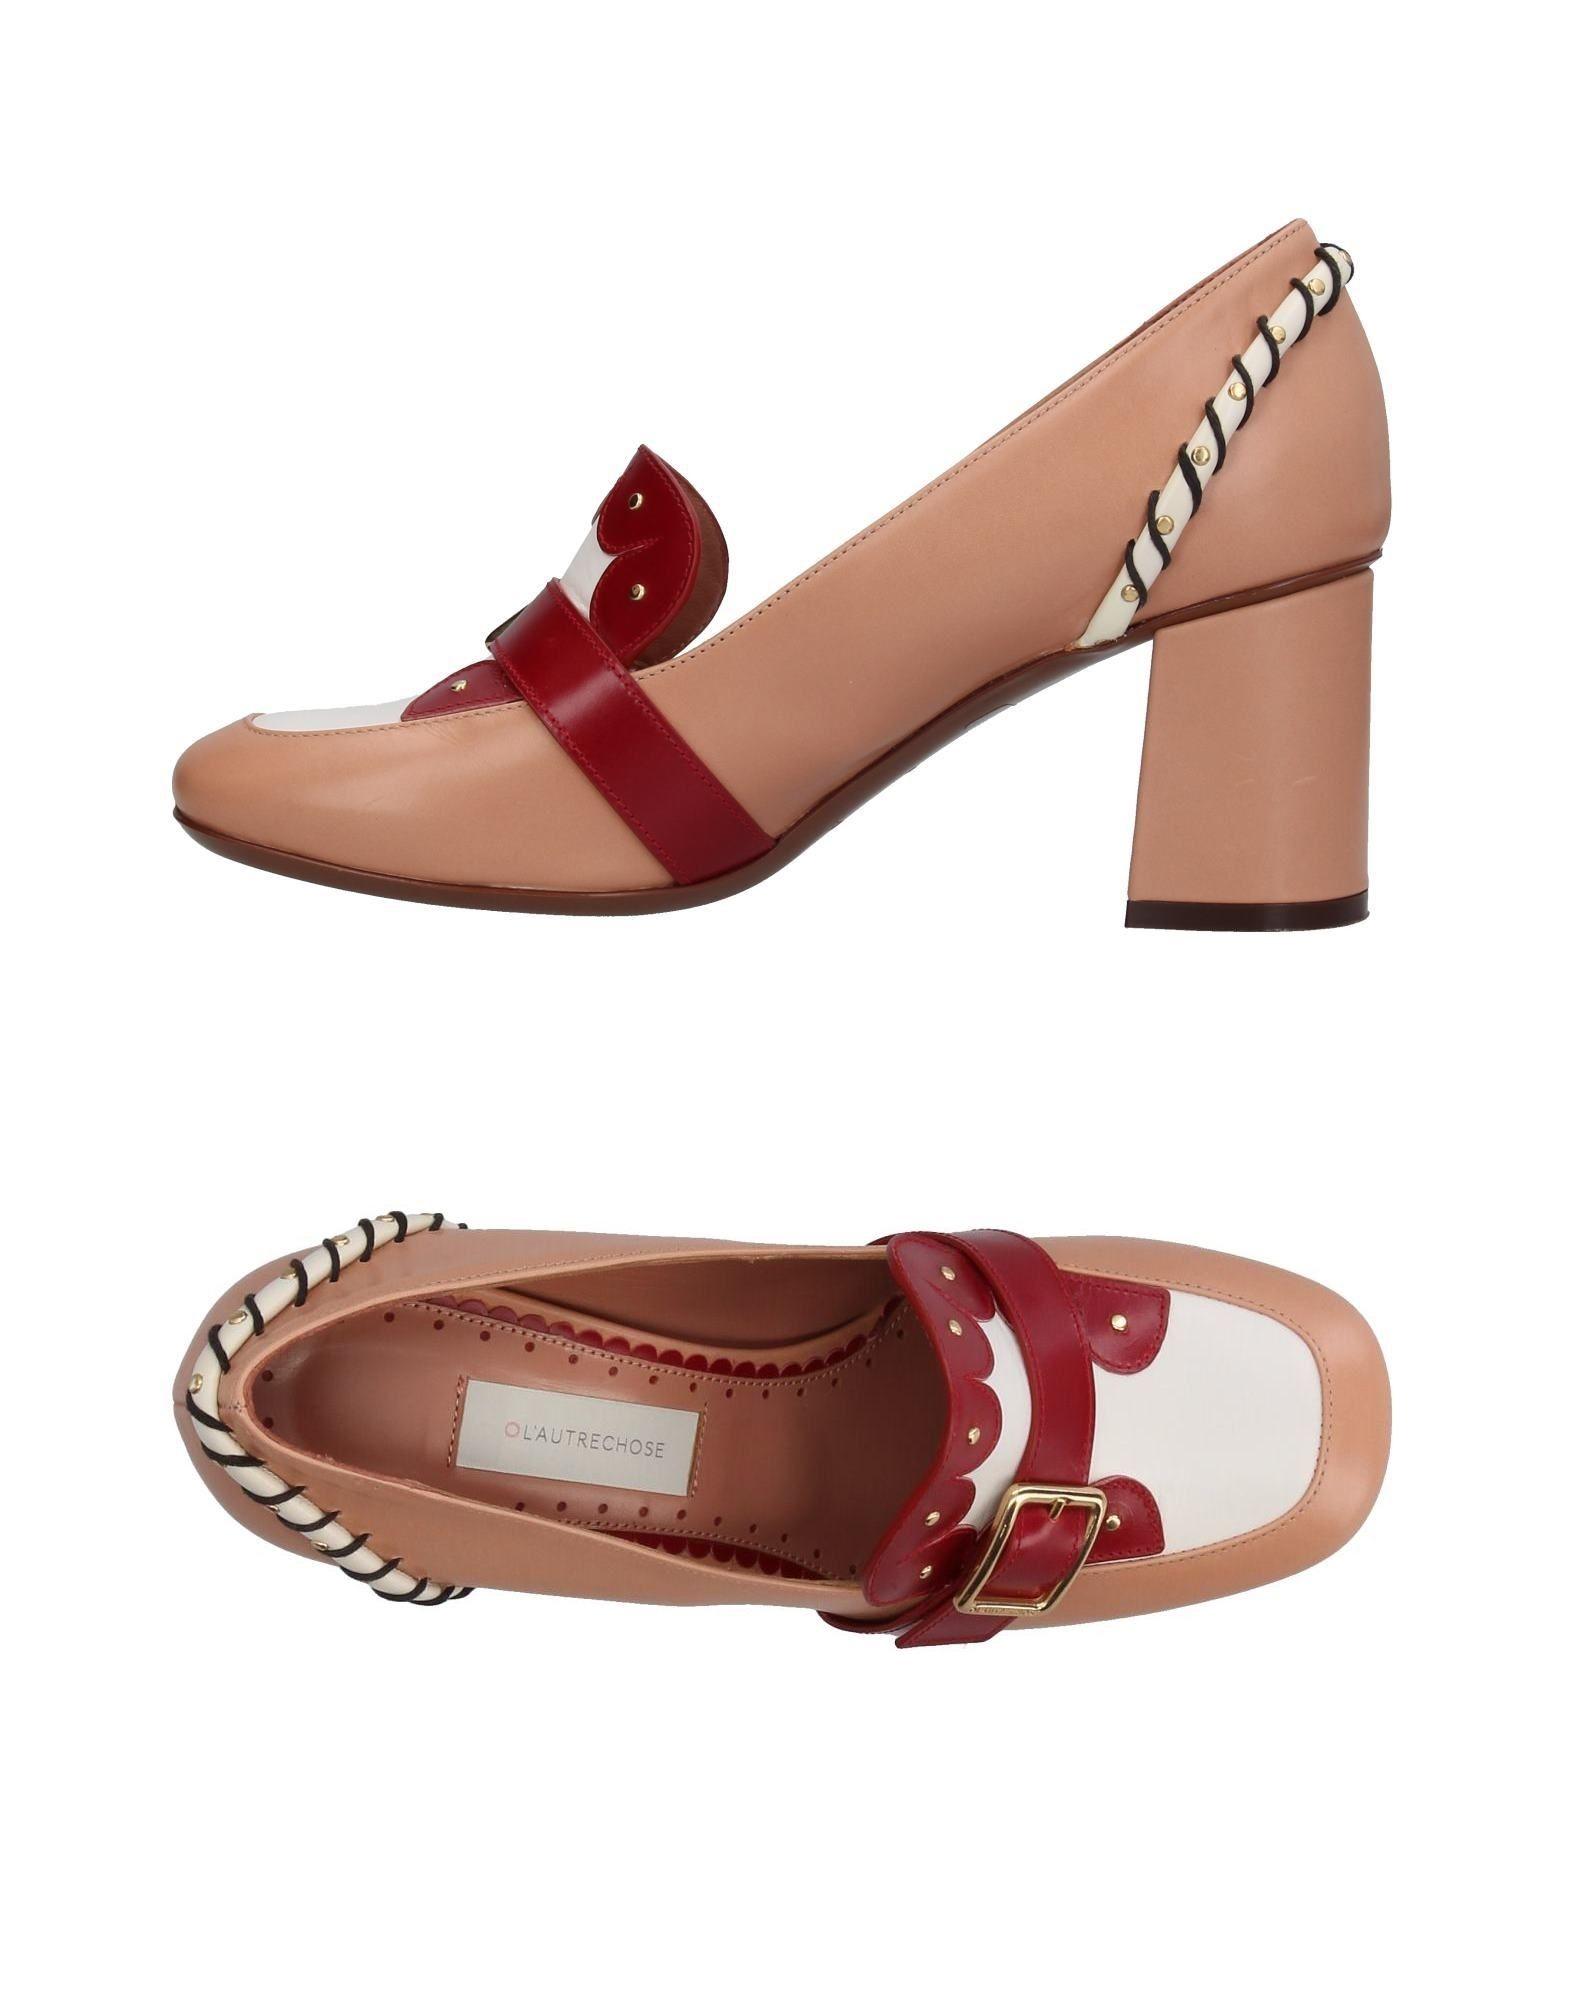 L' Autre Chose Mokassins Damen  11383873NV Gute Qualität beliebte Schuhe